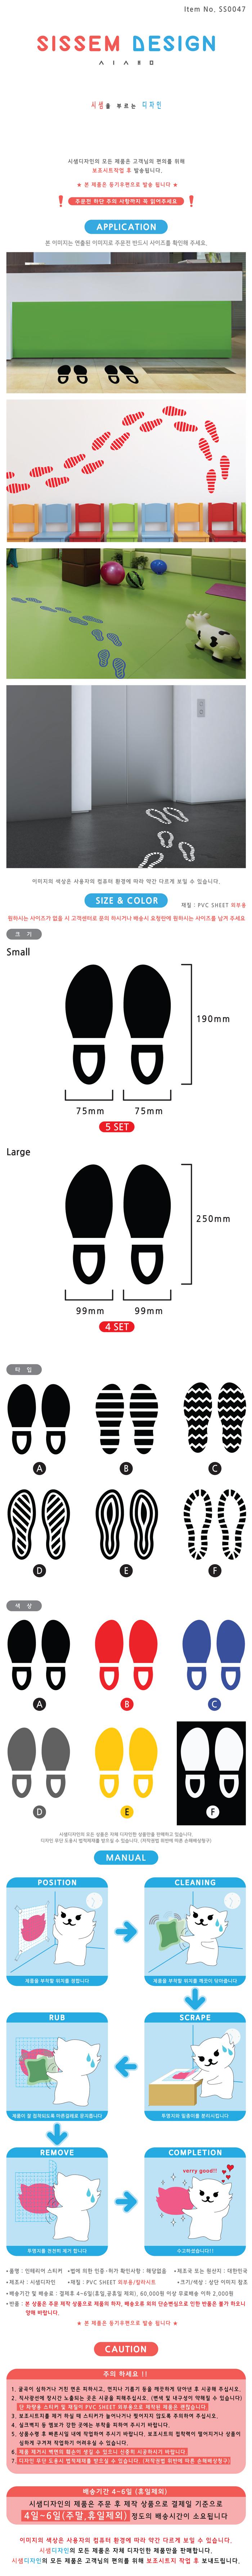 발자국 (SS0047) - 시샘, 10,000원, 월데코스티커, 레터링/메시지